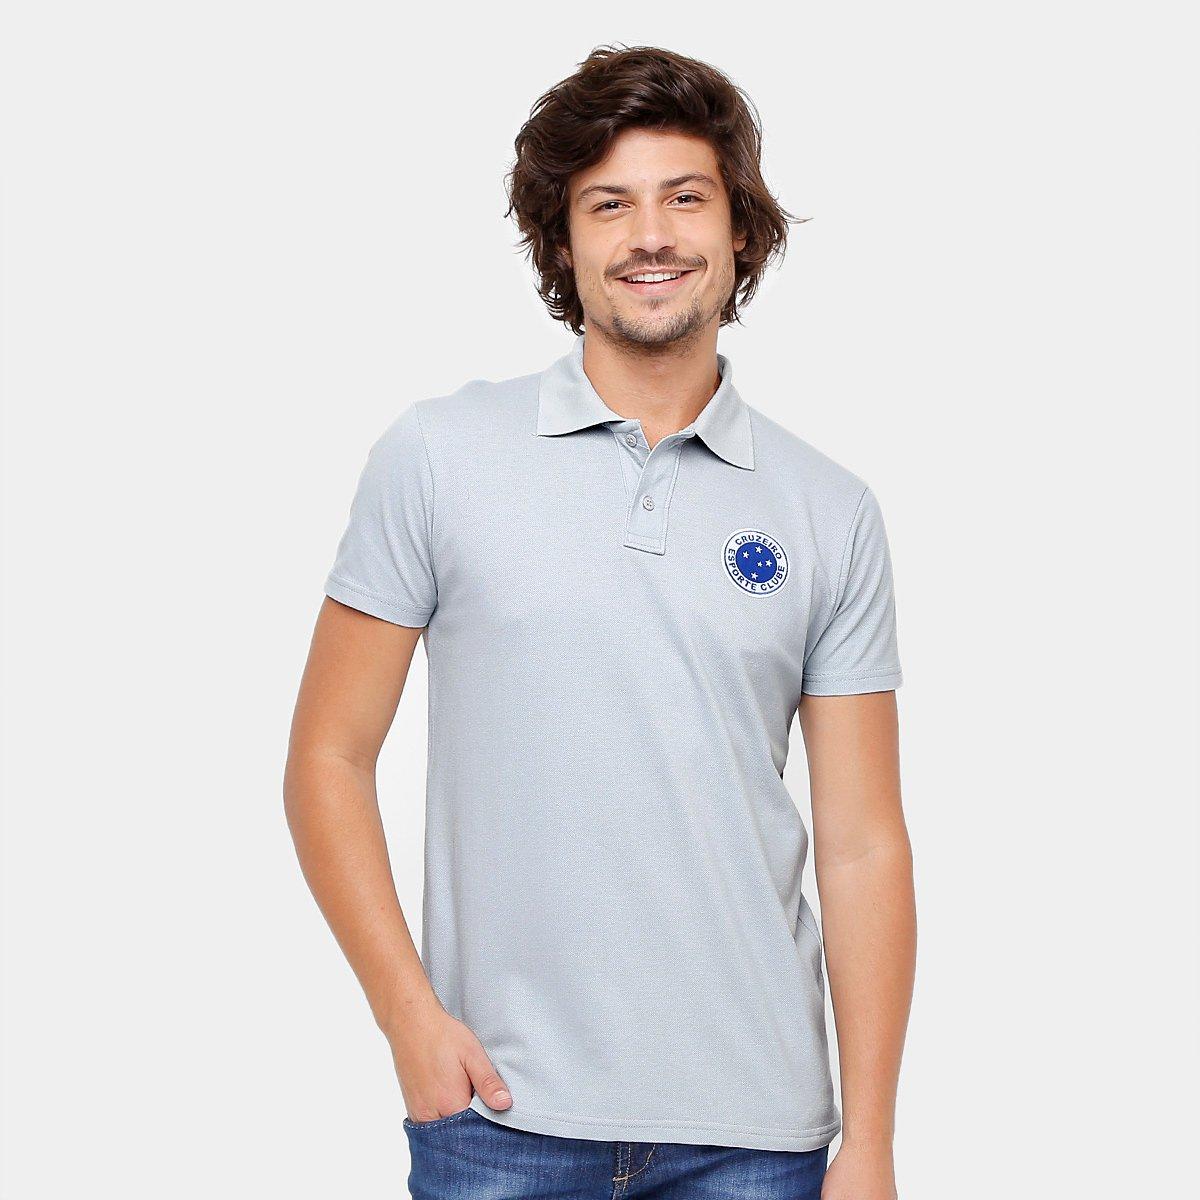 Camisa Polo Cruzeiro Piquet Masculina - Compre Agora  5adee52ed59f3